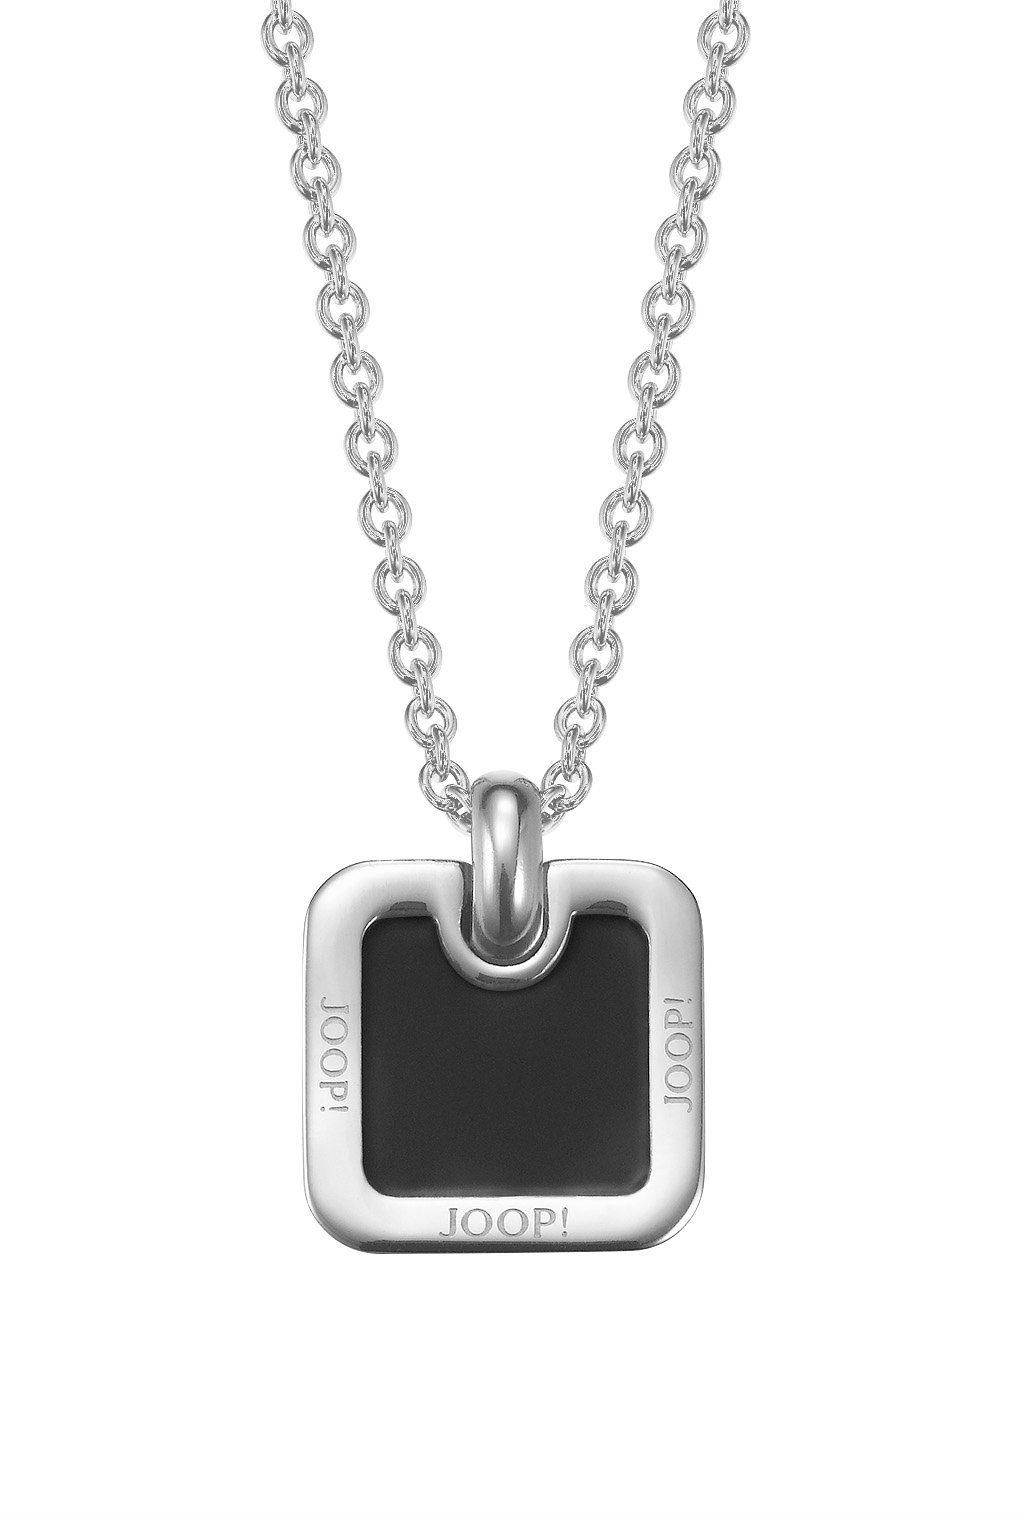 JOOP! Halskette, mit Epoxy, »JP-DENNIS, JPNL10595A500«